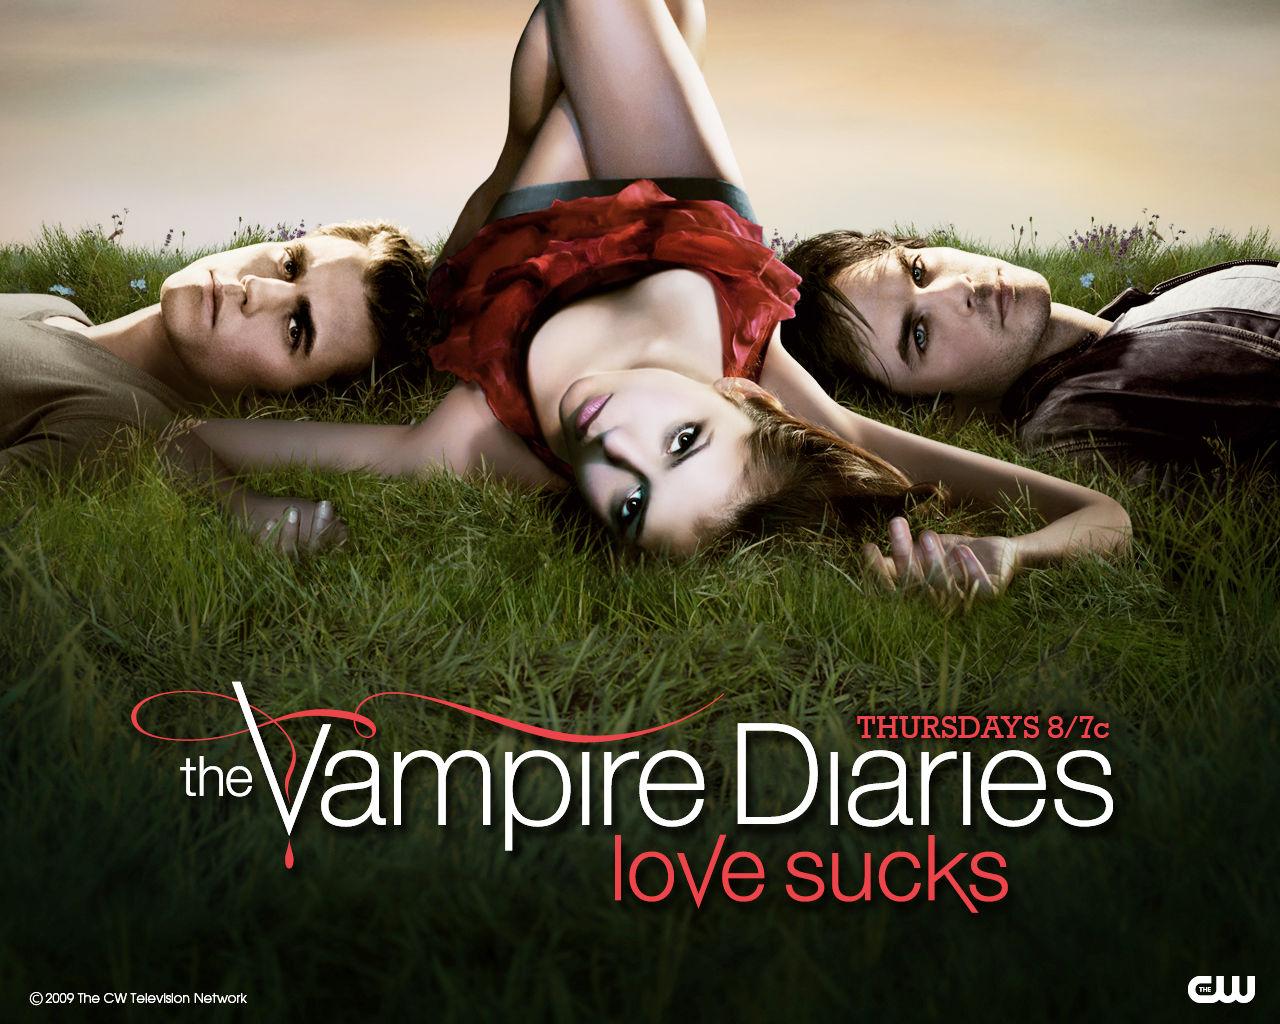 http://1.bp.blogspot.com/-Mw4OJokT-XM/TdZ0mGKnDlI/AAAAAAAAAUU/tHzA7EbyYMg/s1600/the-vampire-diaries.jpg